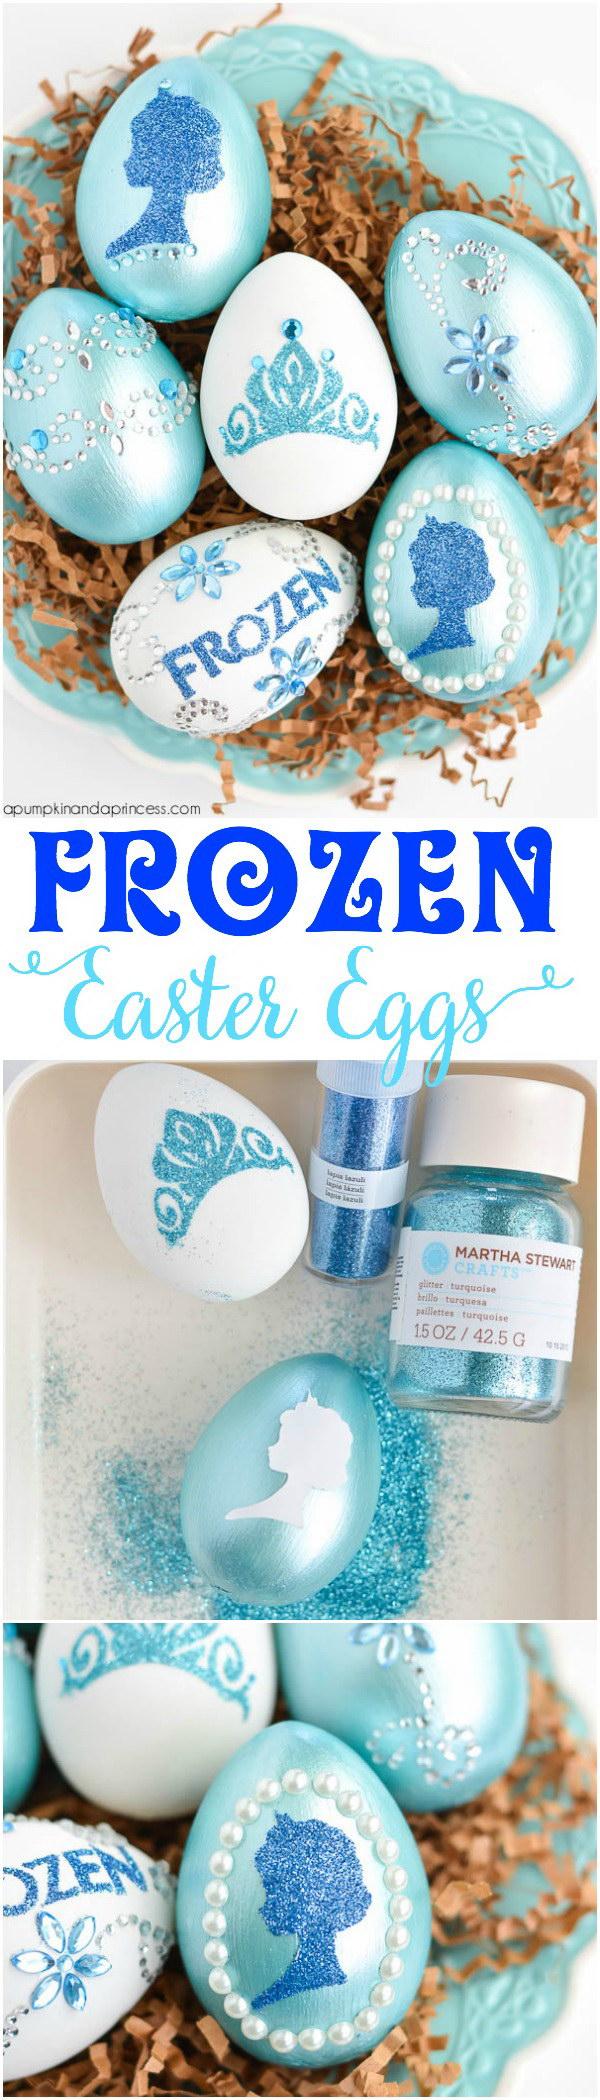 22 DIY Disney Frozen Easter Eggs